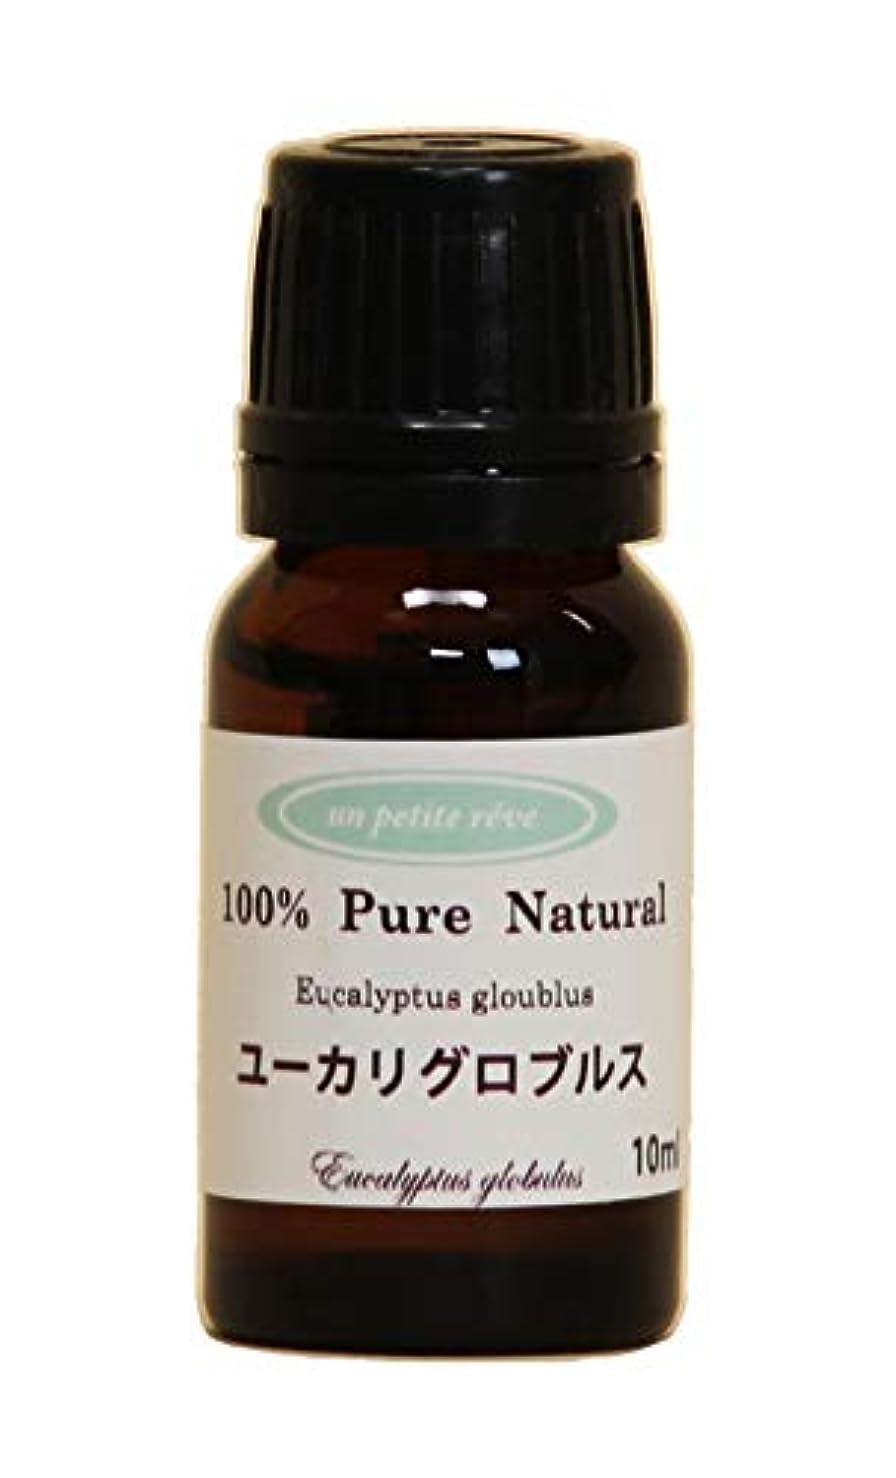 シャックルカポック悪性ユーカリグロブルス 10ml 100%天然アロマエッセンシャルオイル(精油)